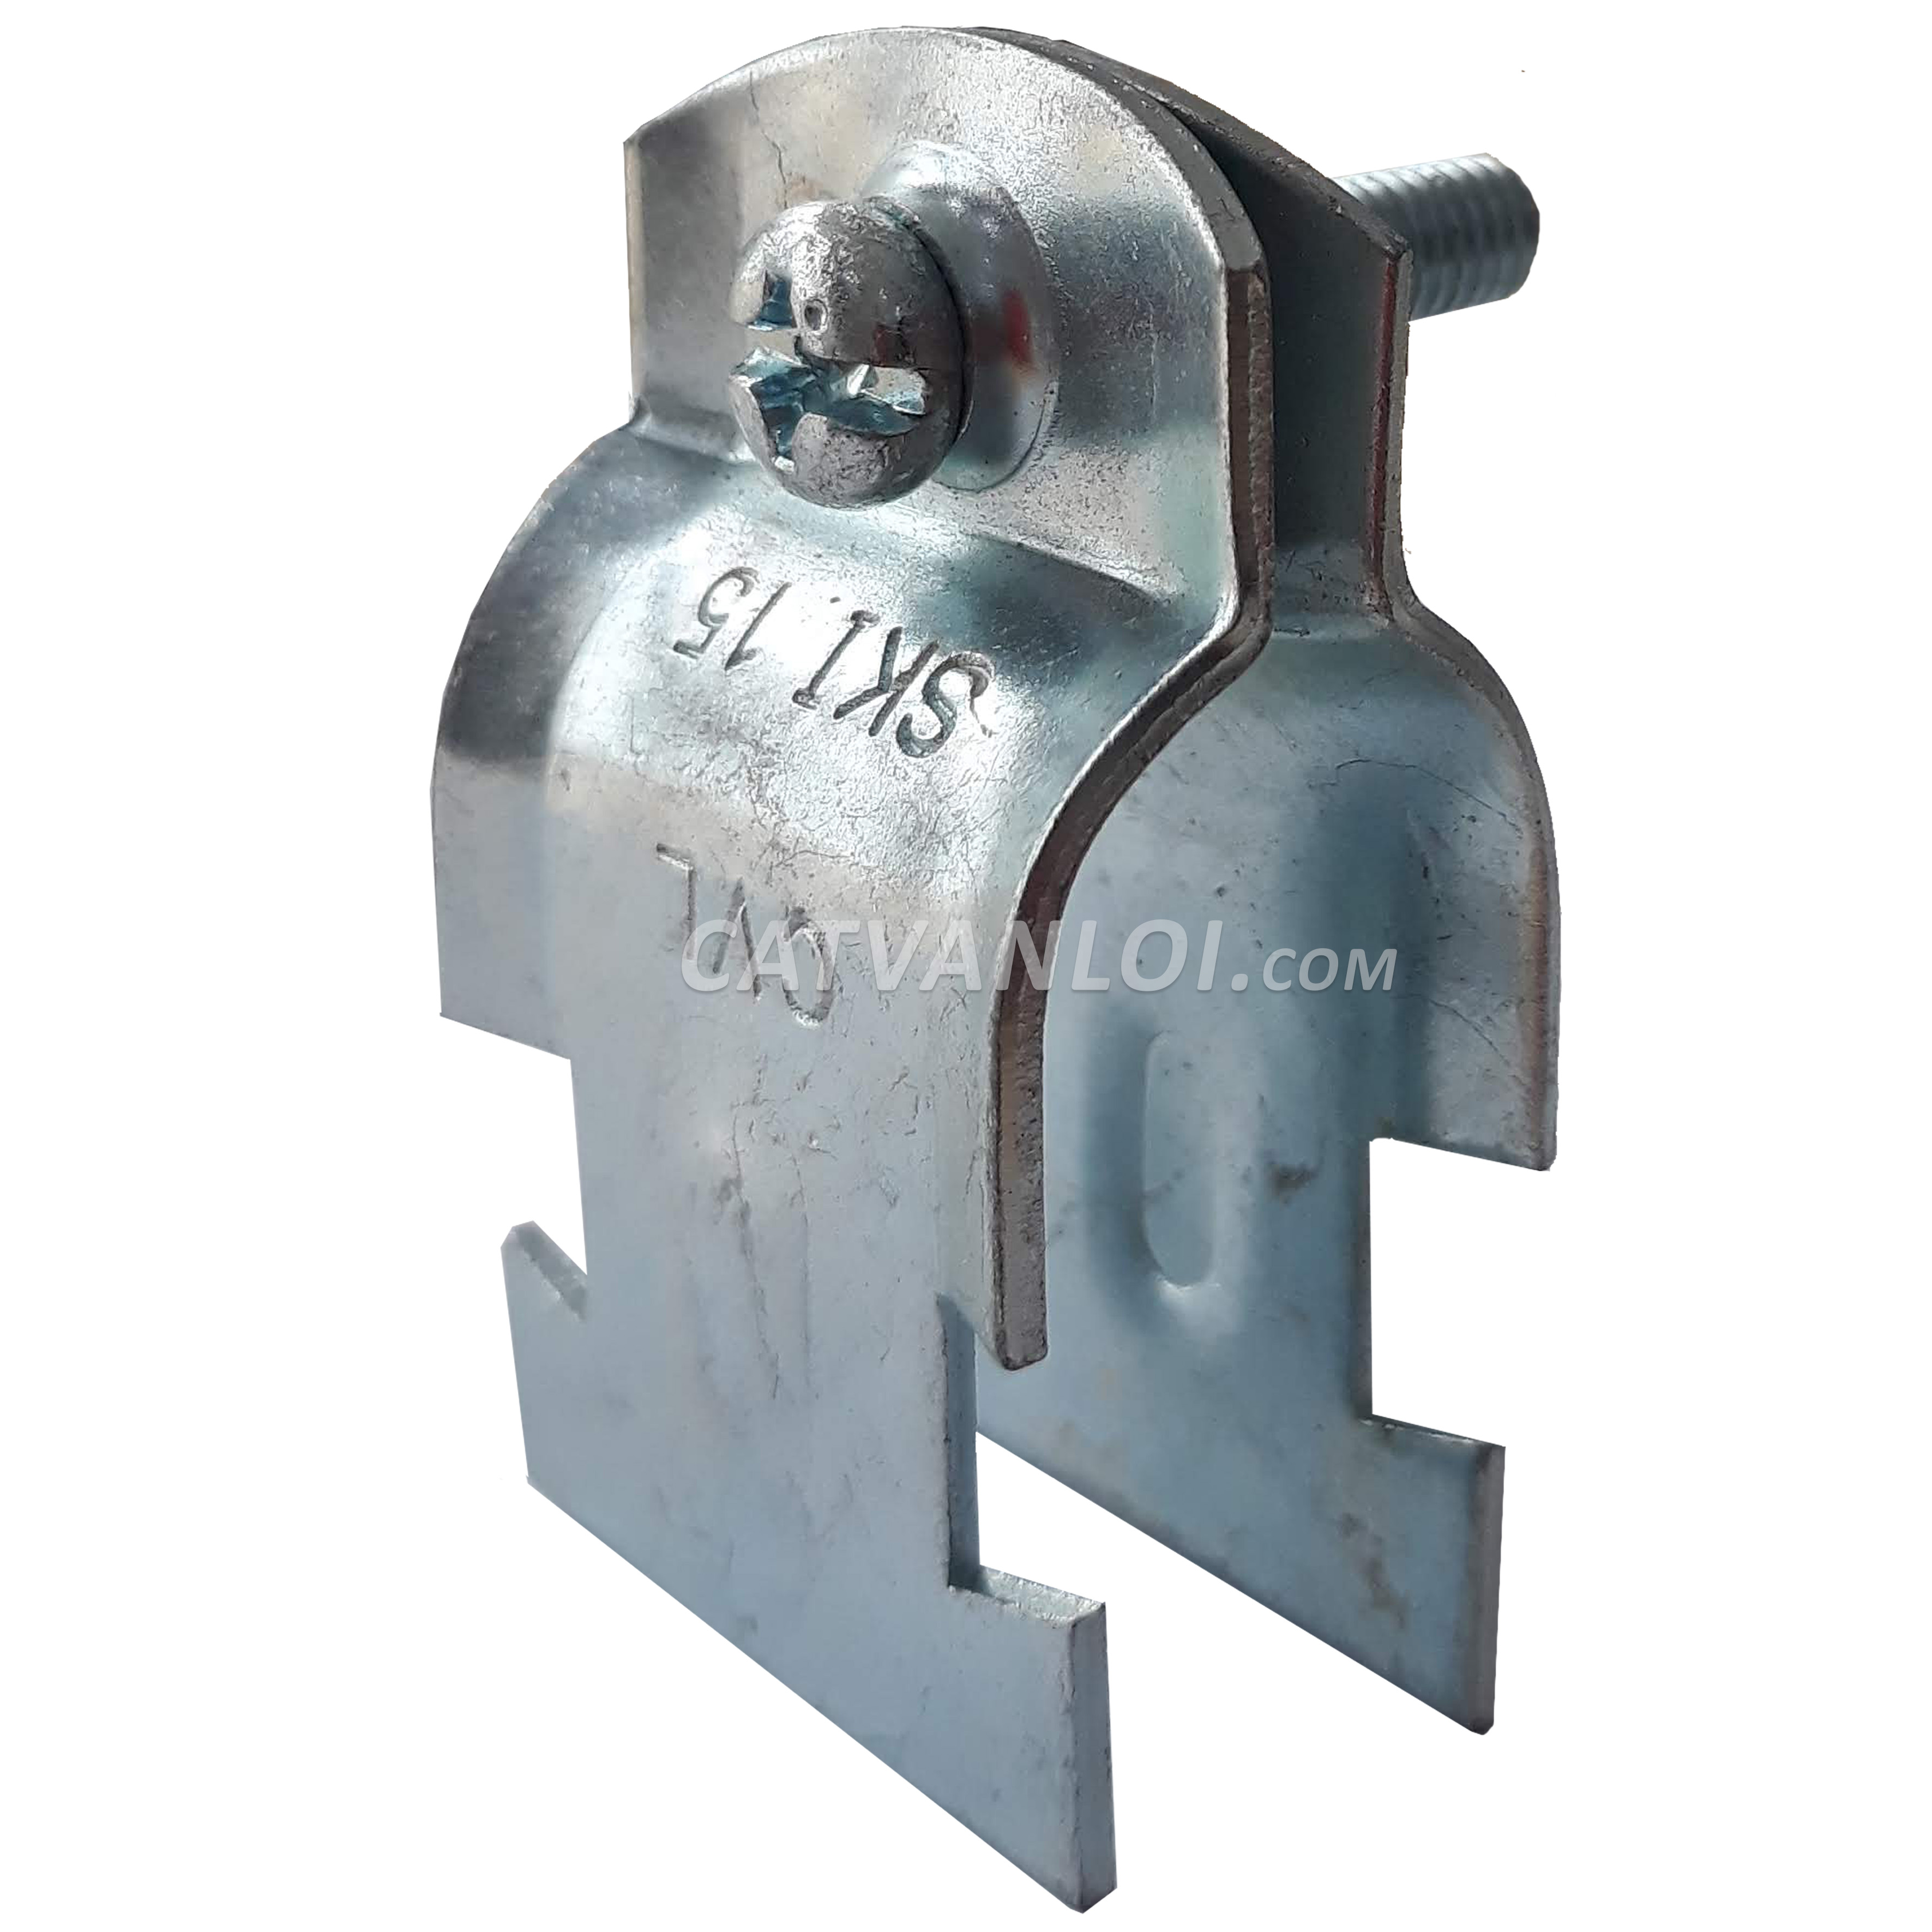 Kẹp treo ống thép luồn dây điện SKI dùng cho thanh chống đa năng